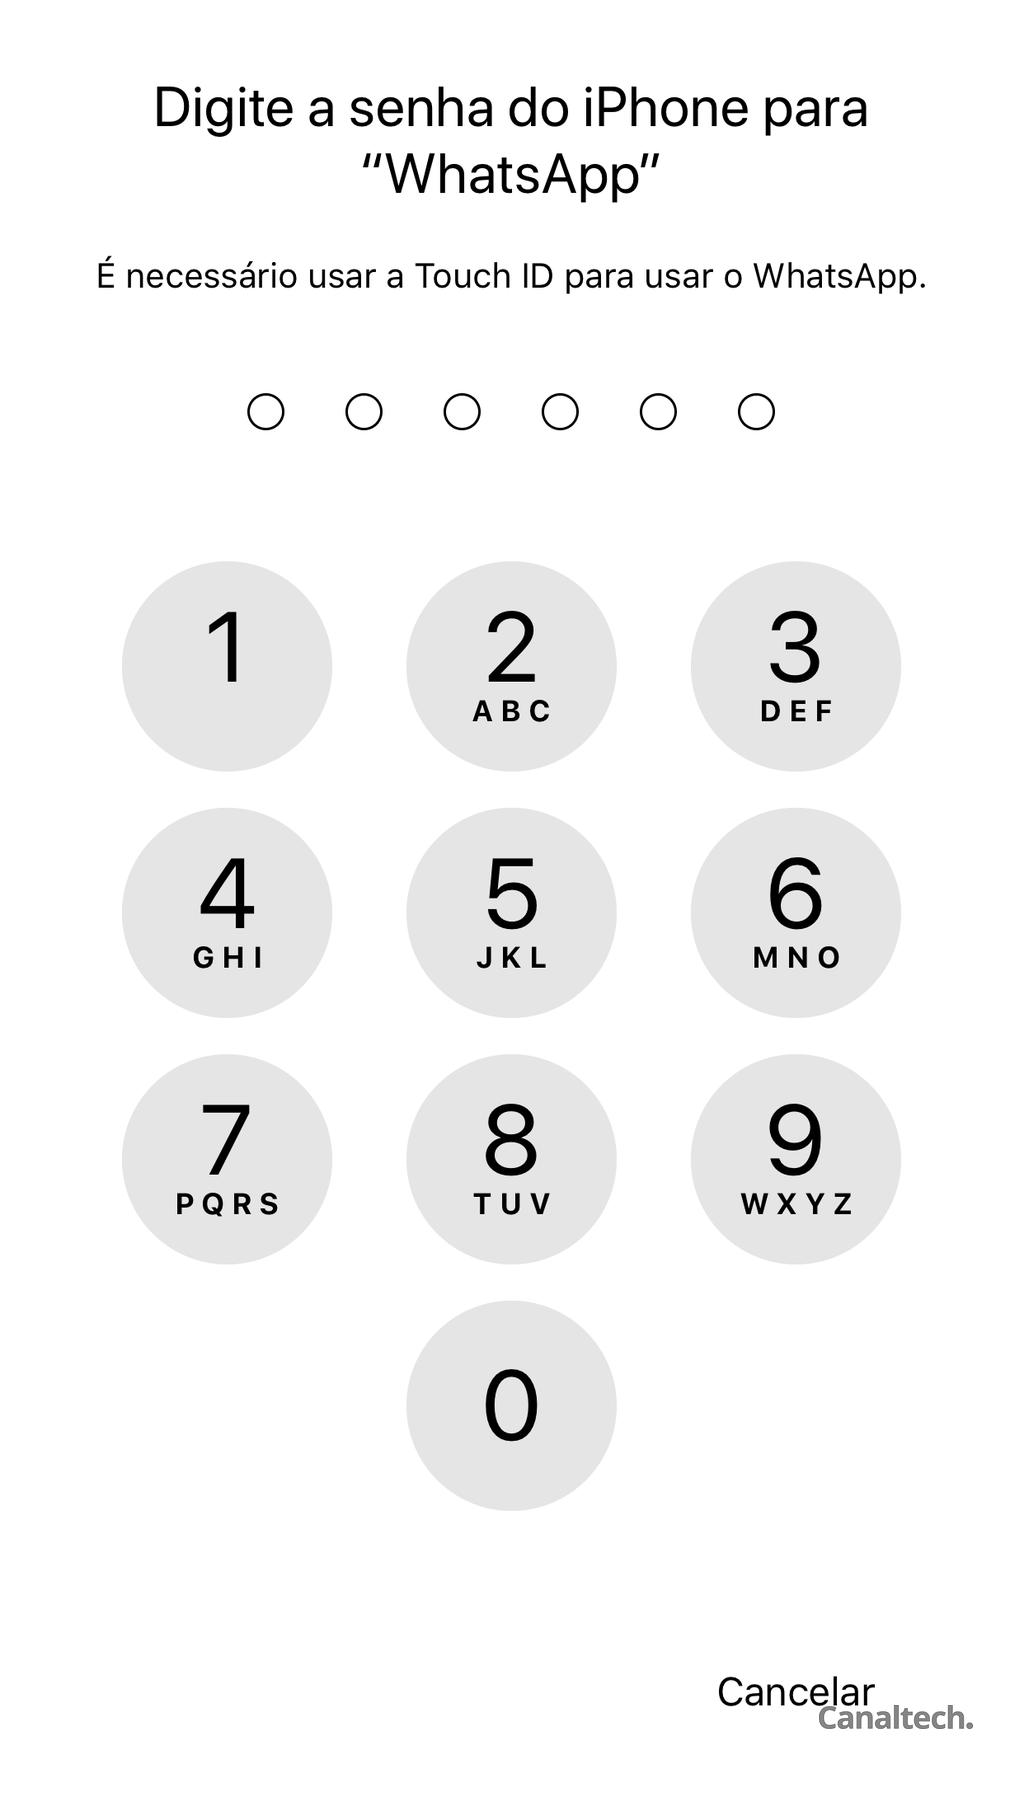 Caso ocorra alguma falha na autenticação biométrica, ainda será possível inserir a senha para liberar o WhatsApp